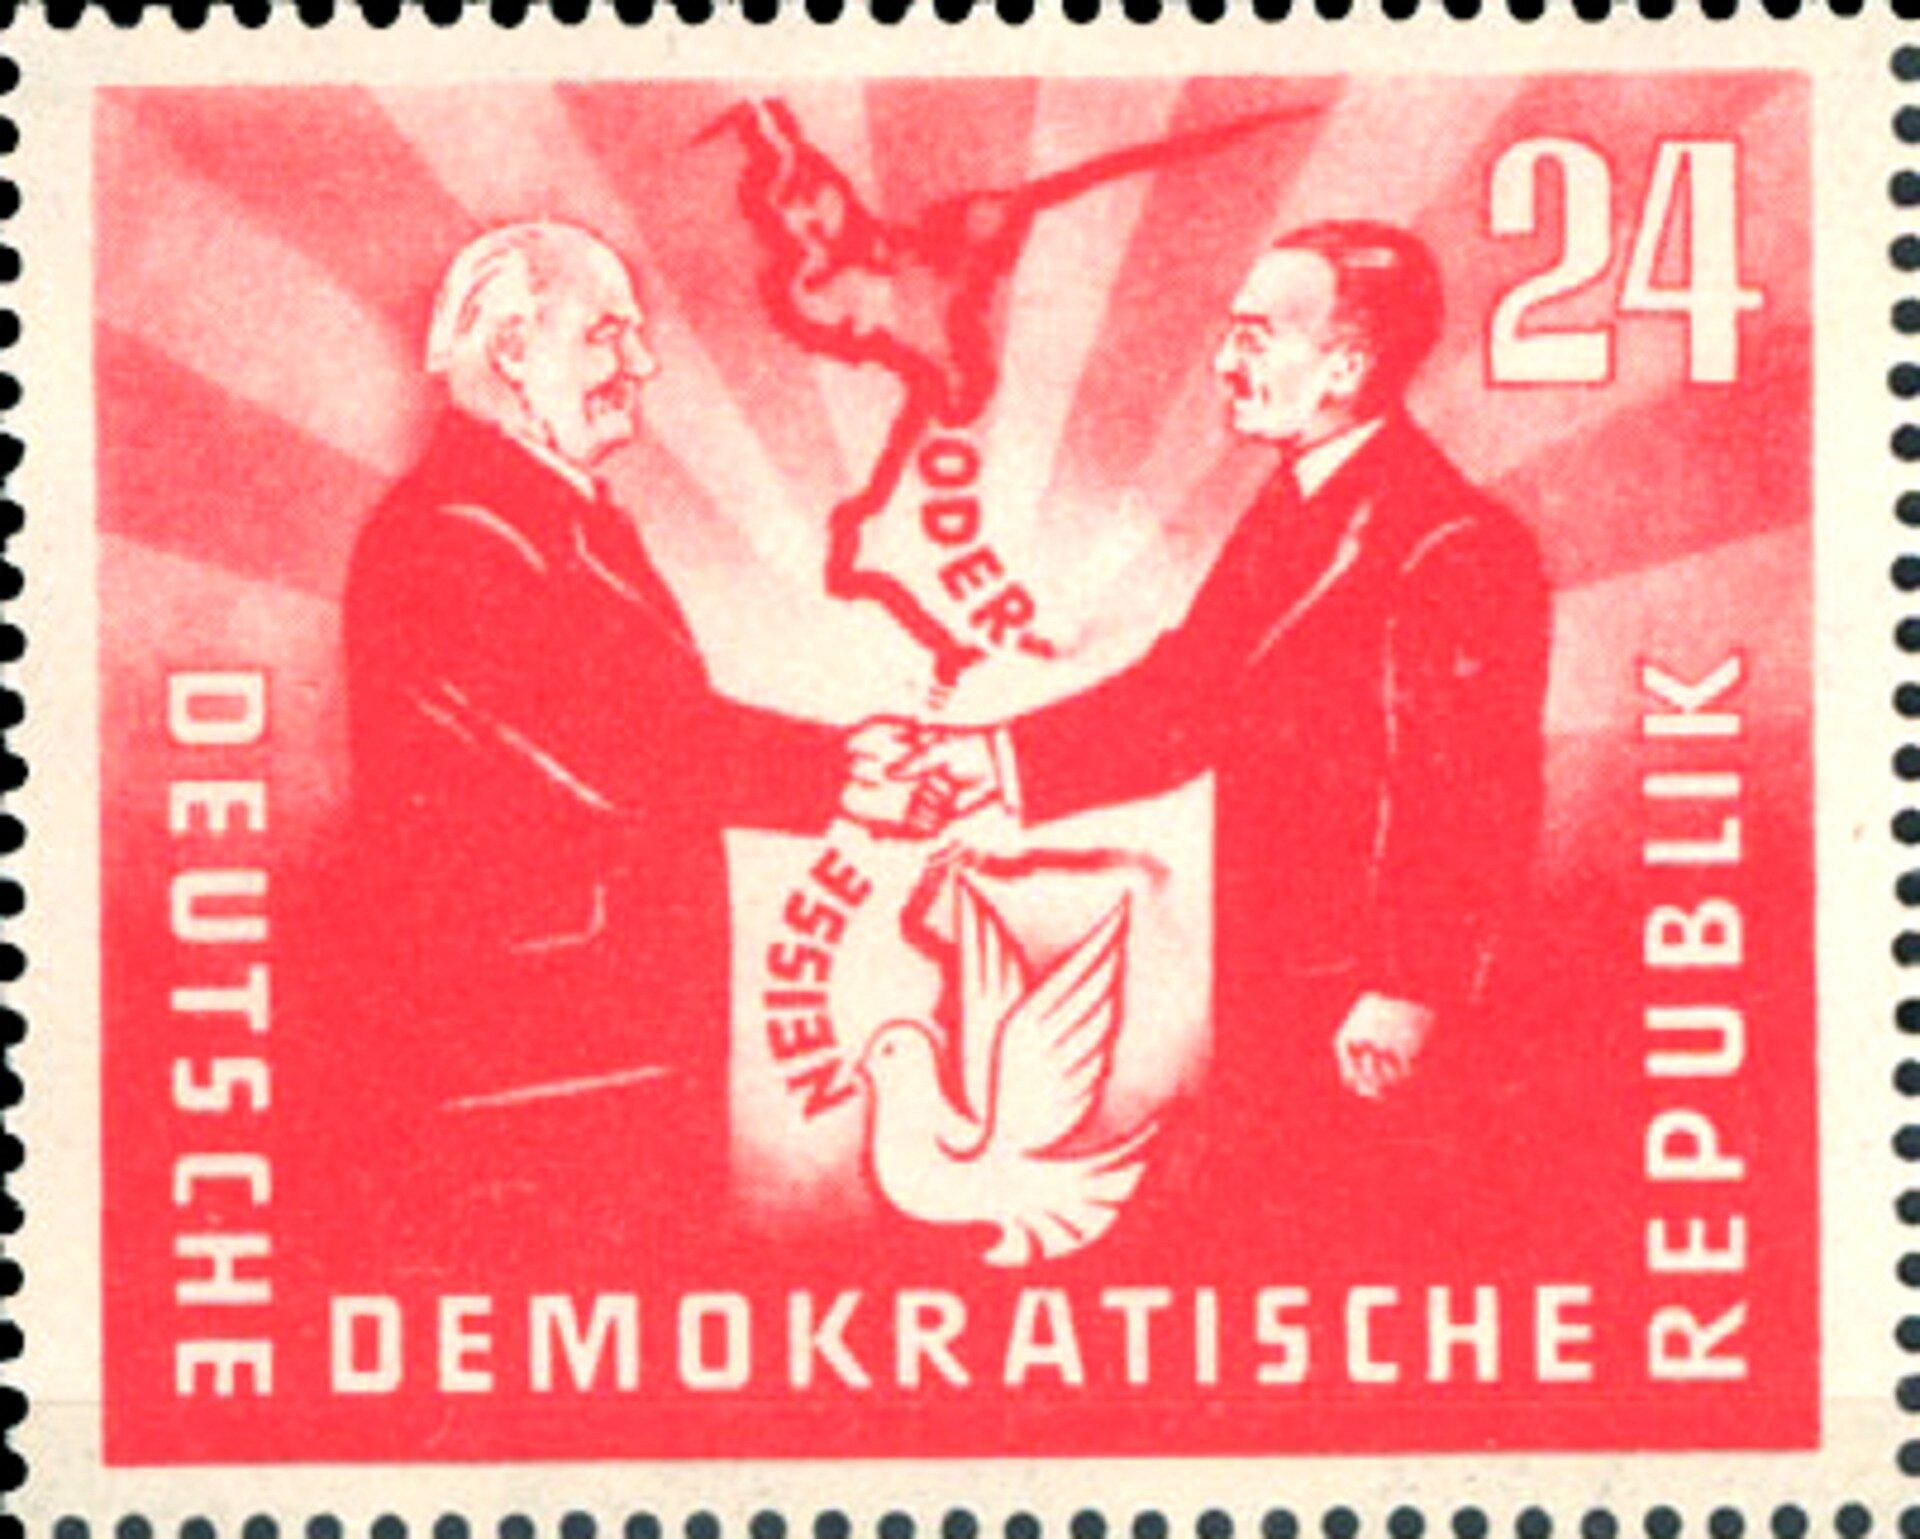 Znaczek pocztowy. Na nim dwie ściskające sobie ręce postaci. Pomiędzy nimi widać rzeki Odre iNysę, tworzące granicę, oraz białego ptaka. Na znaczku napis po niemiecku: Niemiecka Republika Demokratyczna.